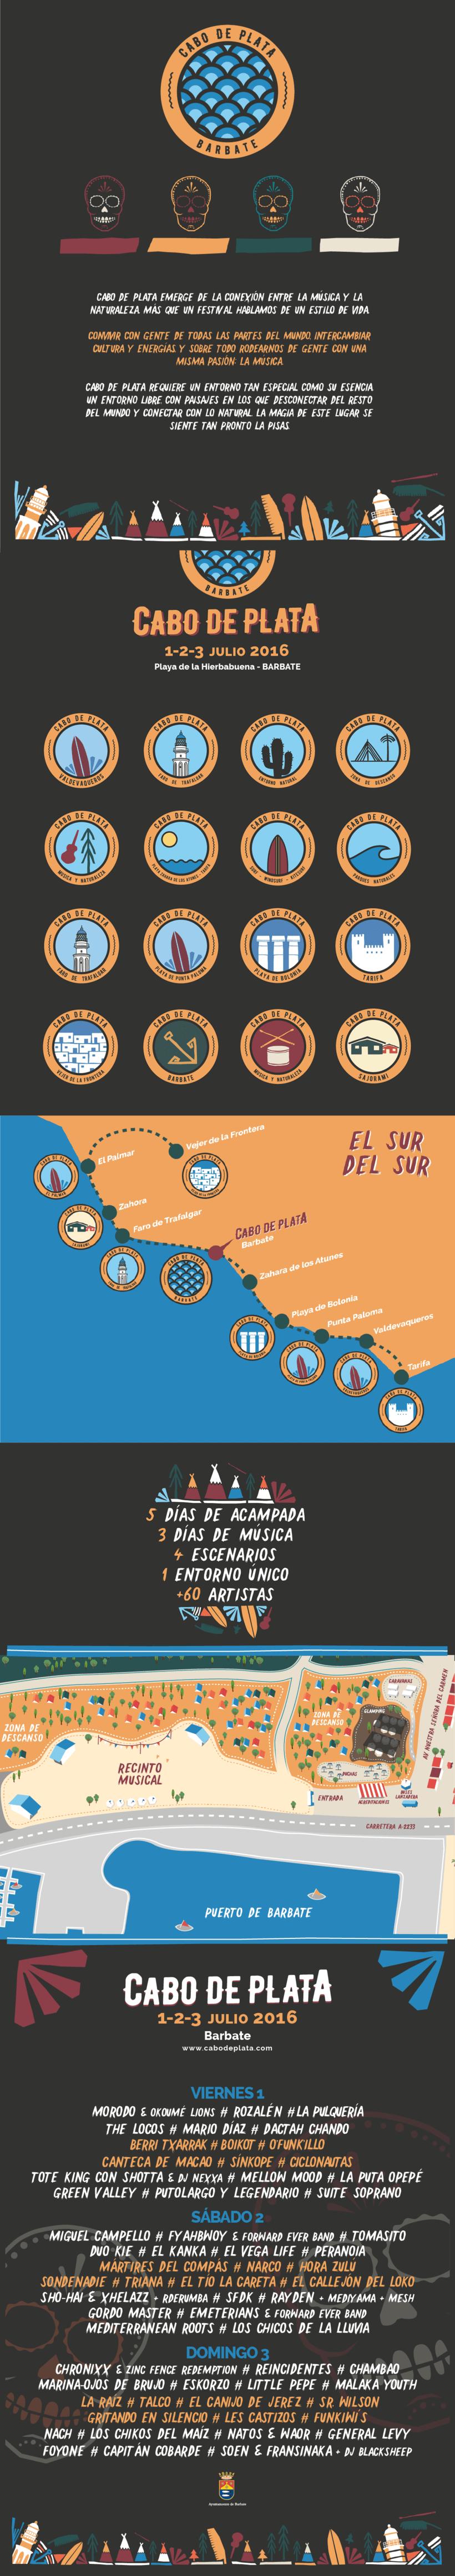 Cabo de Plata · 2016 0